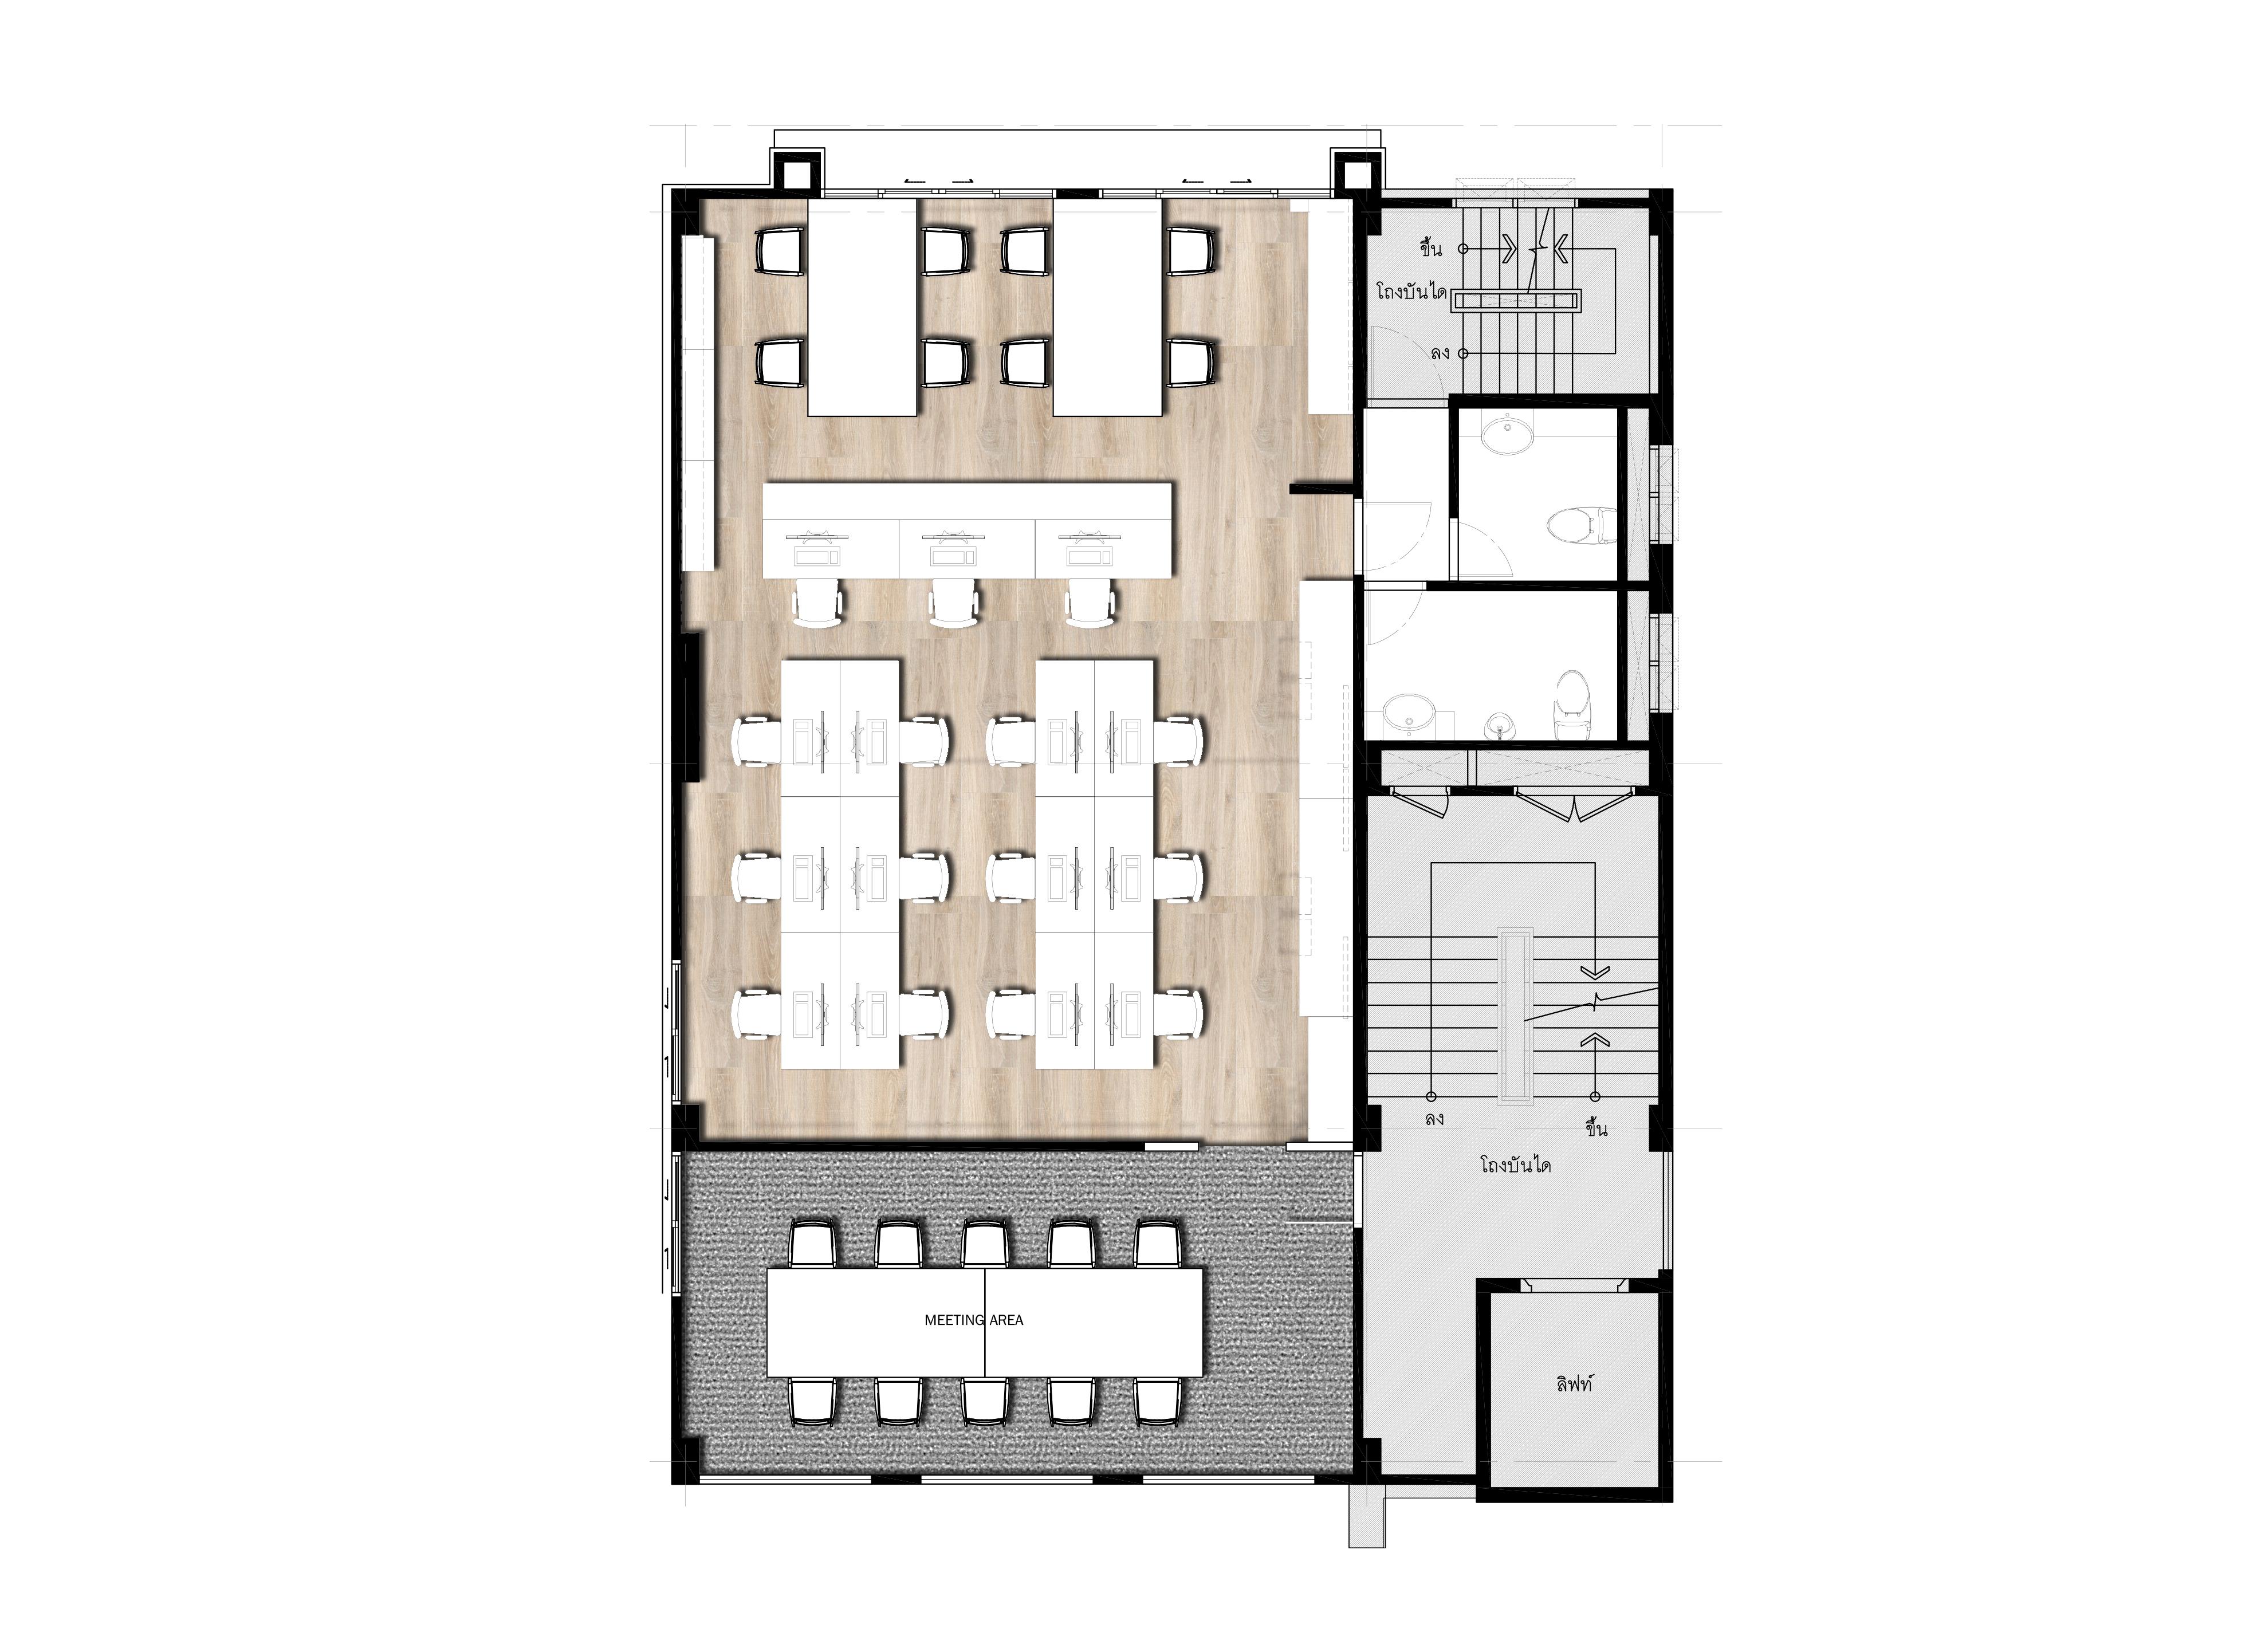 10DESIGN 10 OFFICE FLOOR PLAN 4